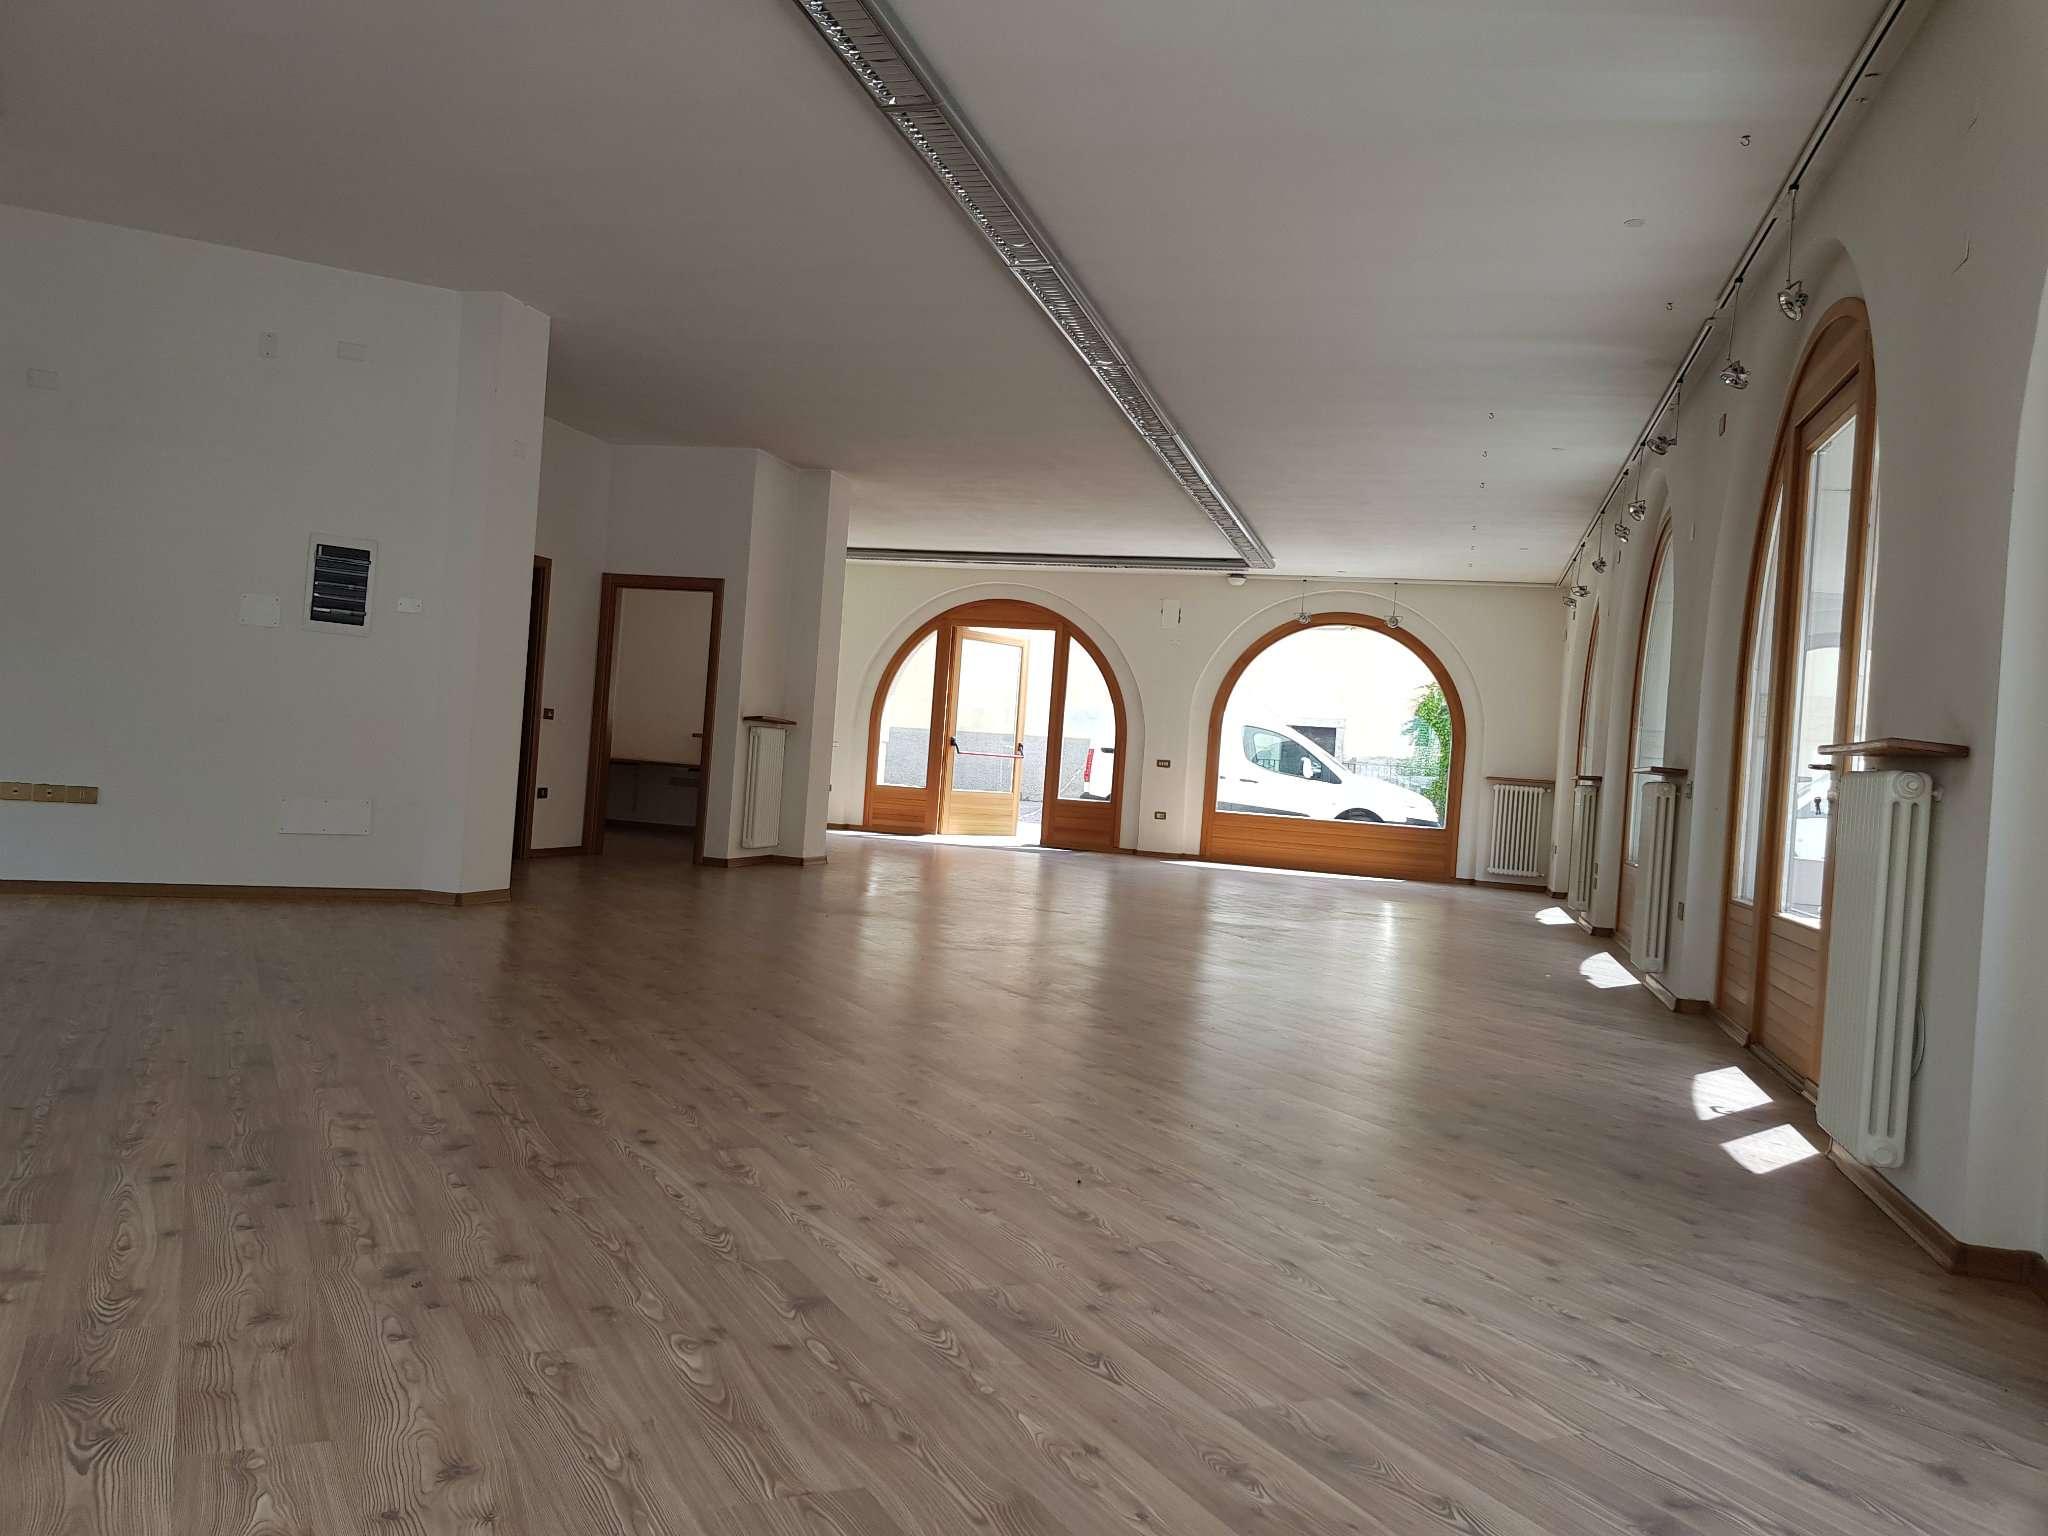 Ufficio / Studio in affitto a Cles, 9999 locali, prezzo € 1.500 | CambioCasa.it